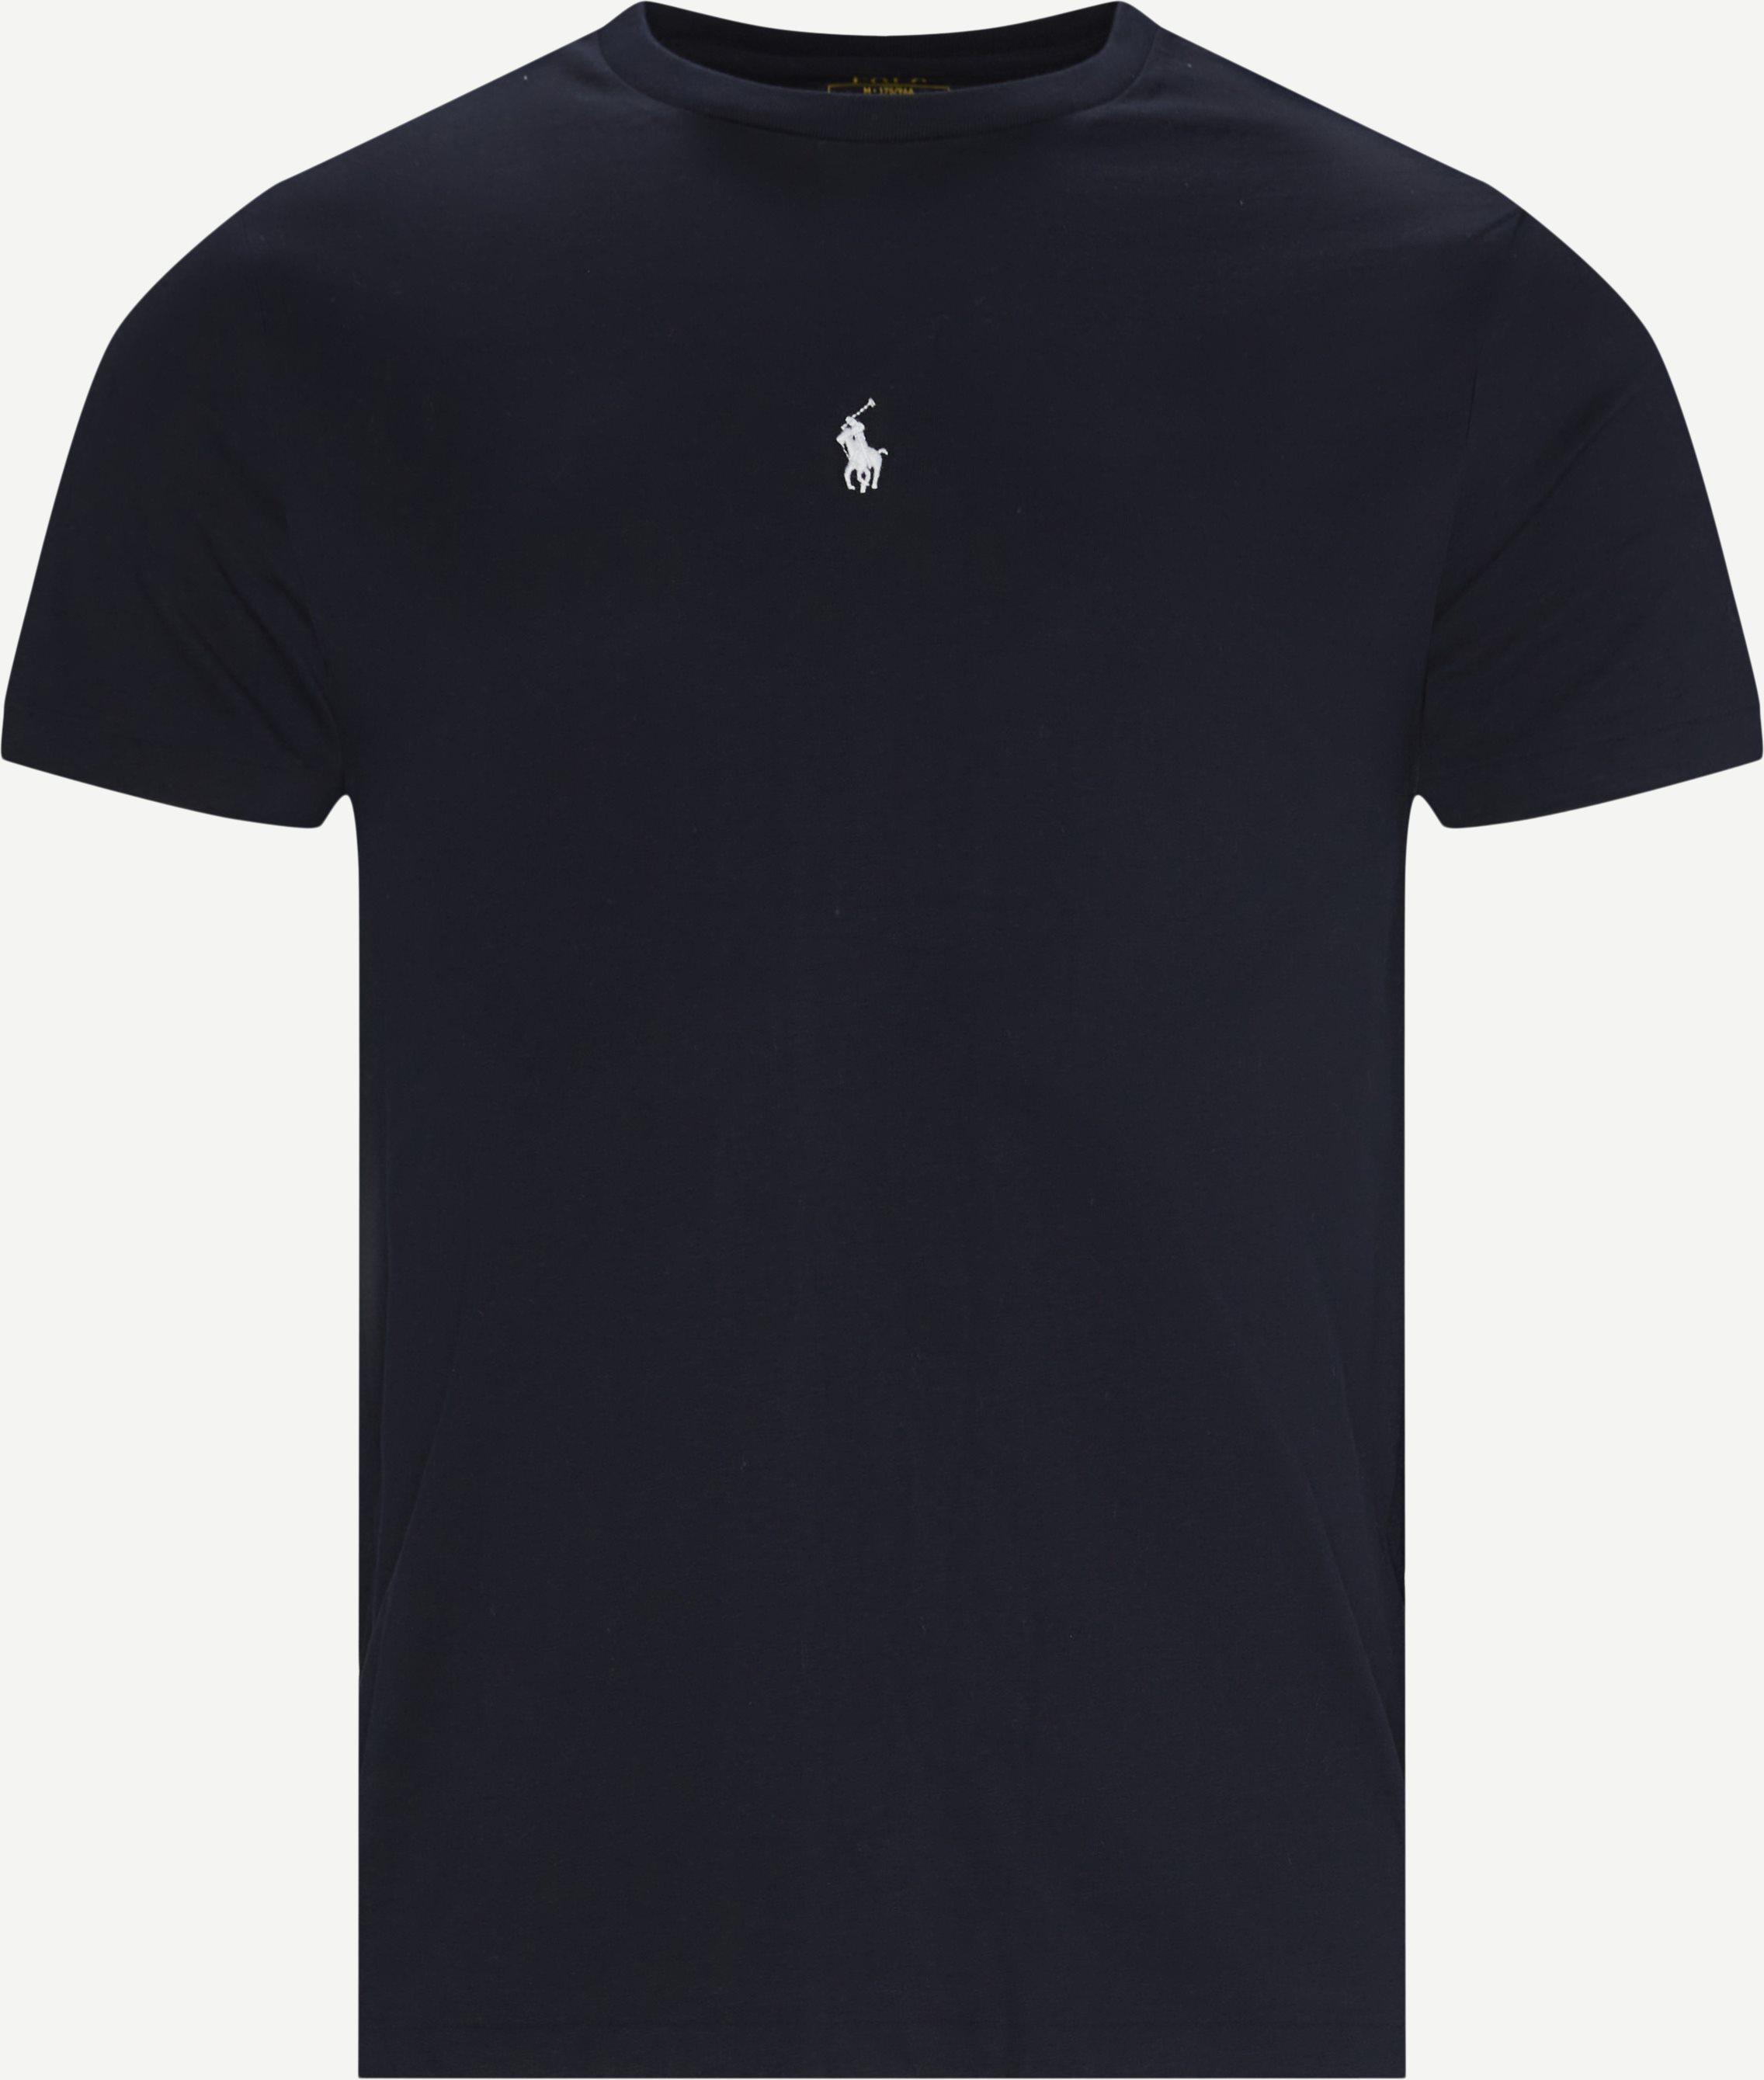 Logo T-shirt - T-shirts - Slim fit - Blå